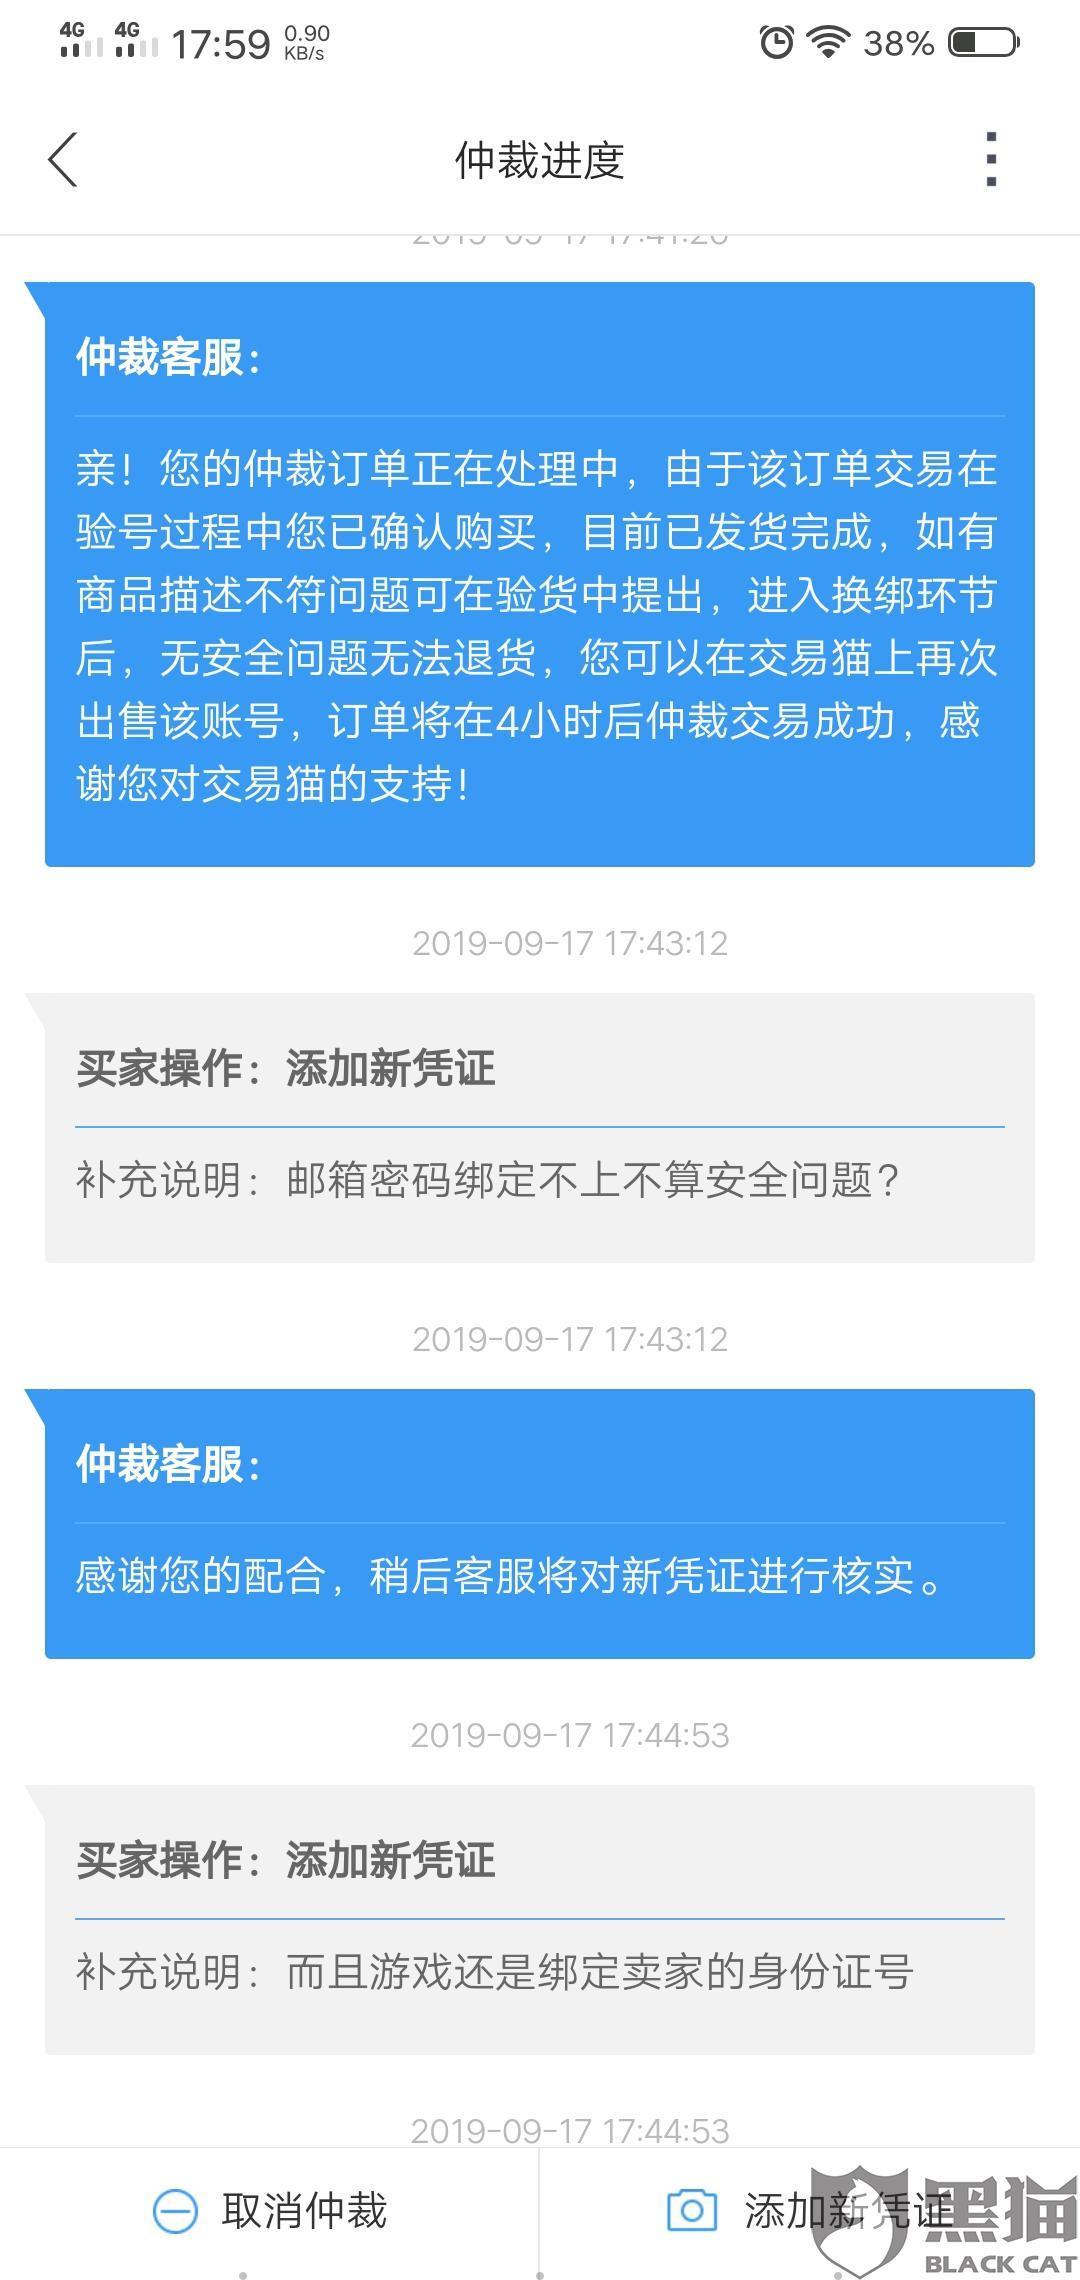 黑猫投诉:邮箱密码无法绑定,账号内容和卖家描述不一样刚买不超过24小时申请仲裁不通过